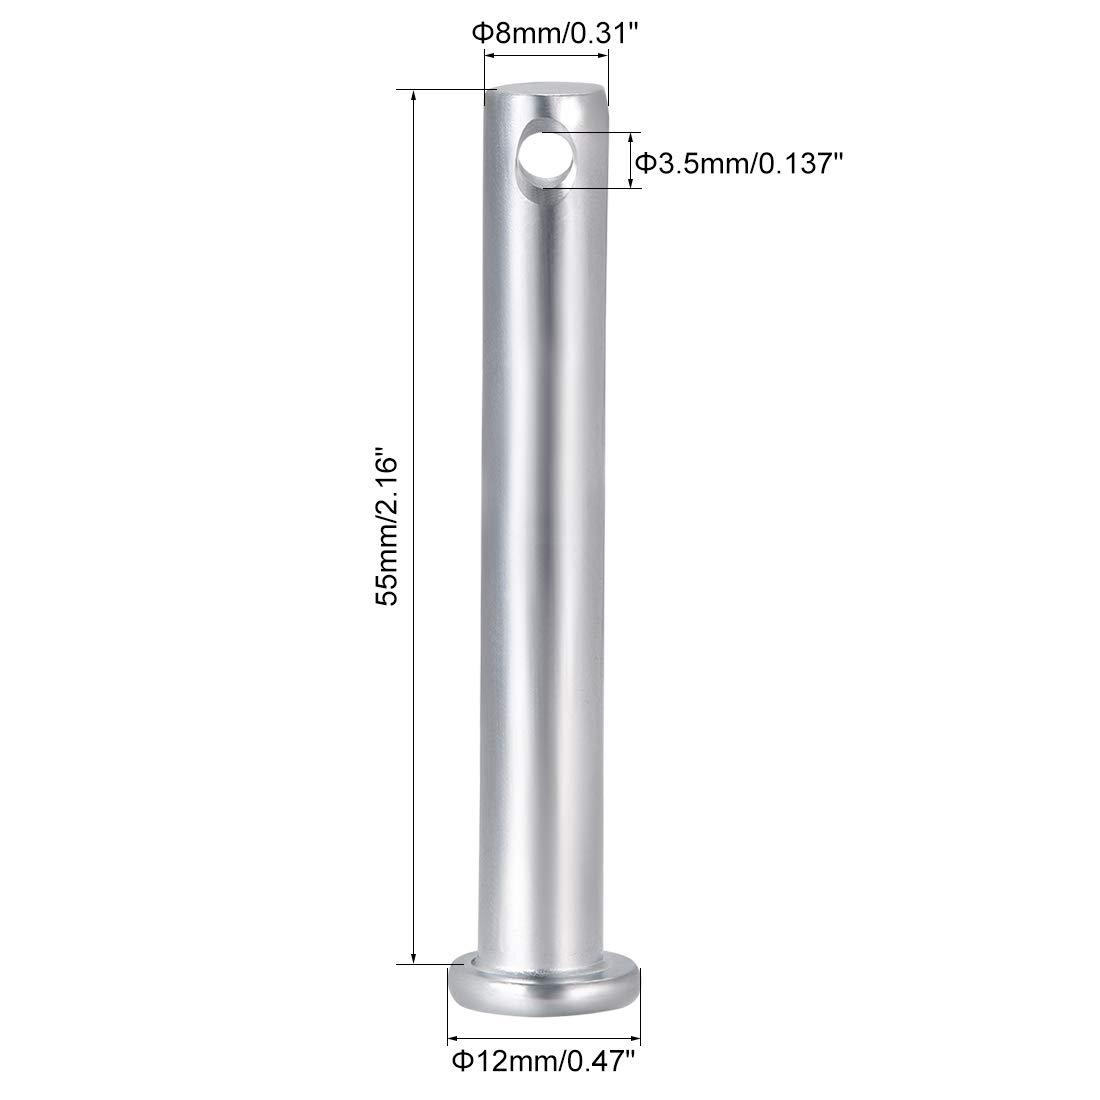 10 mm x 50 mm de cabeza plana de acero galvanizado 10 piezas sourcing map pasadores de horquilla de un solo orificio